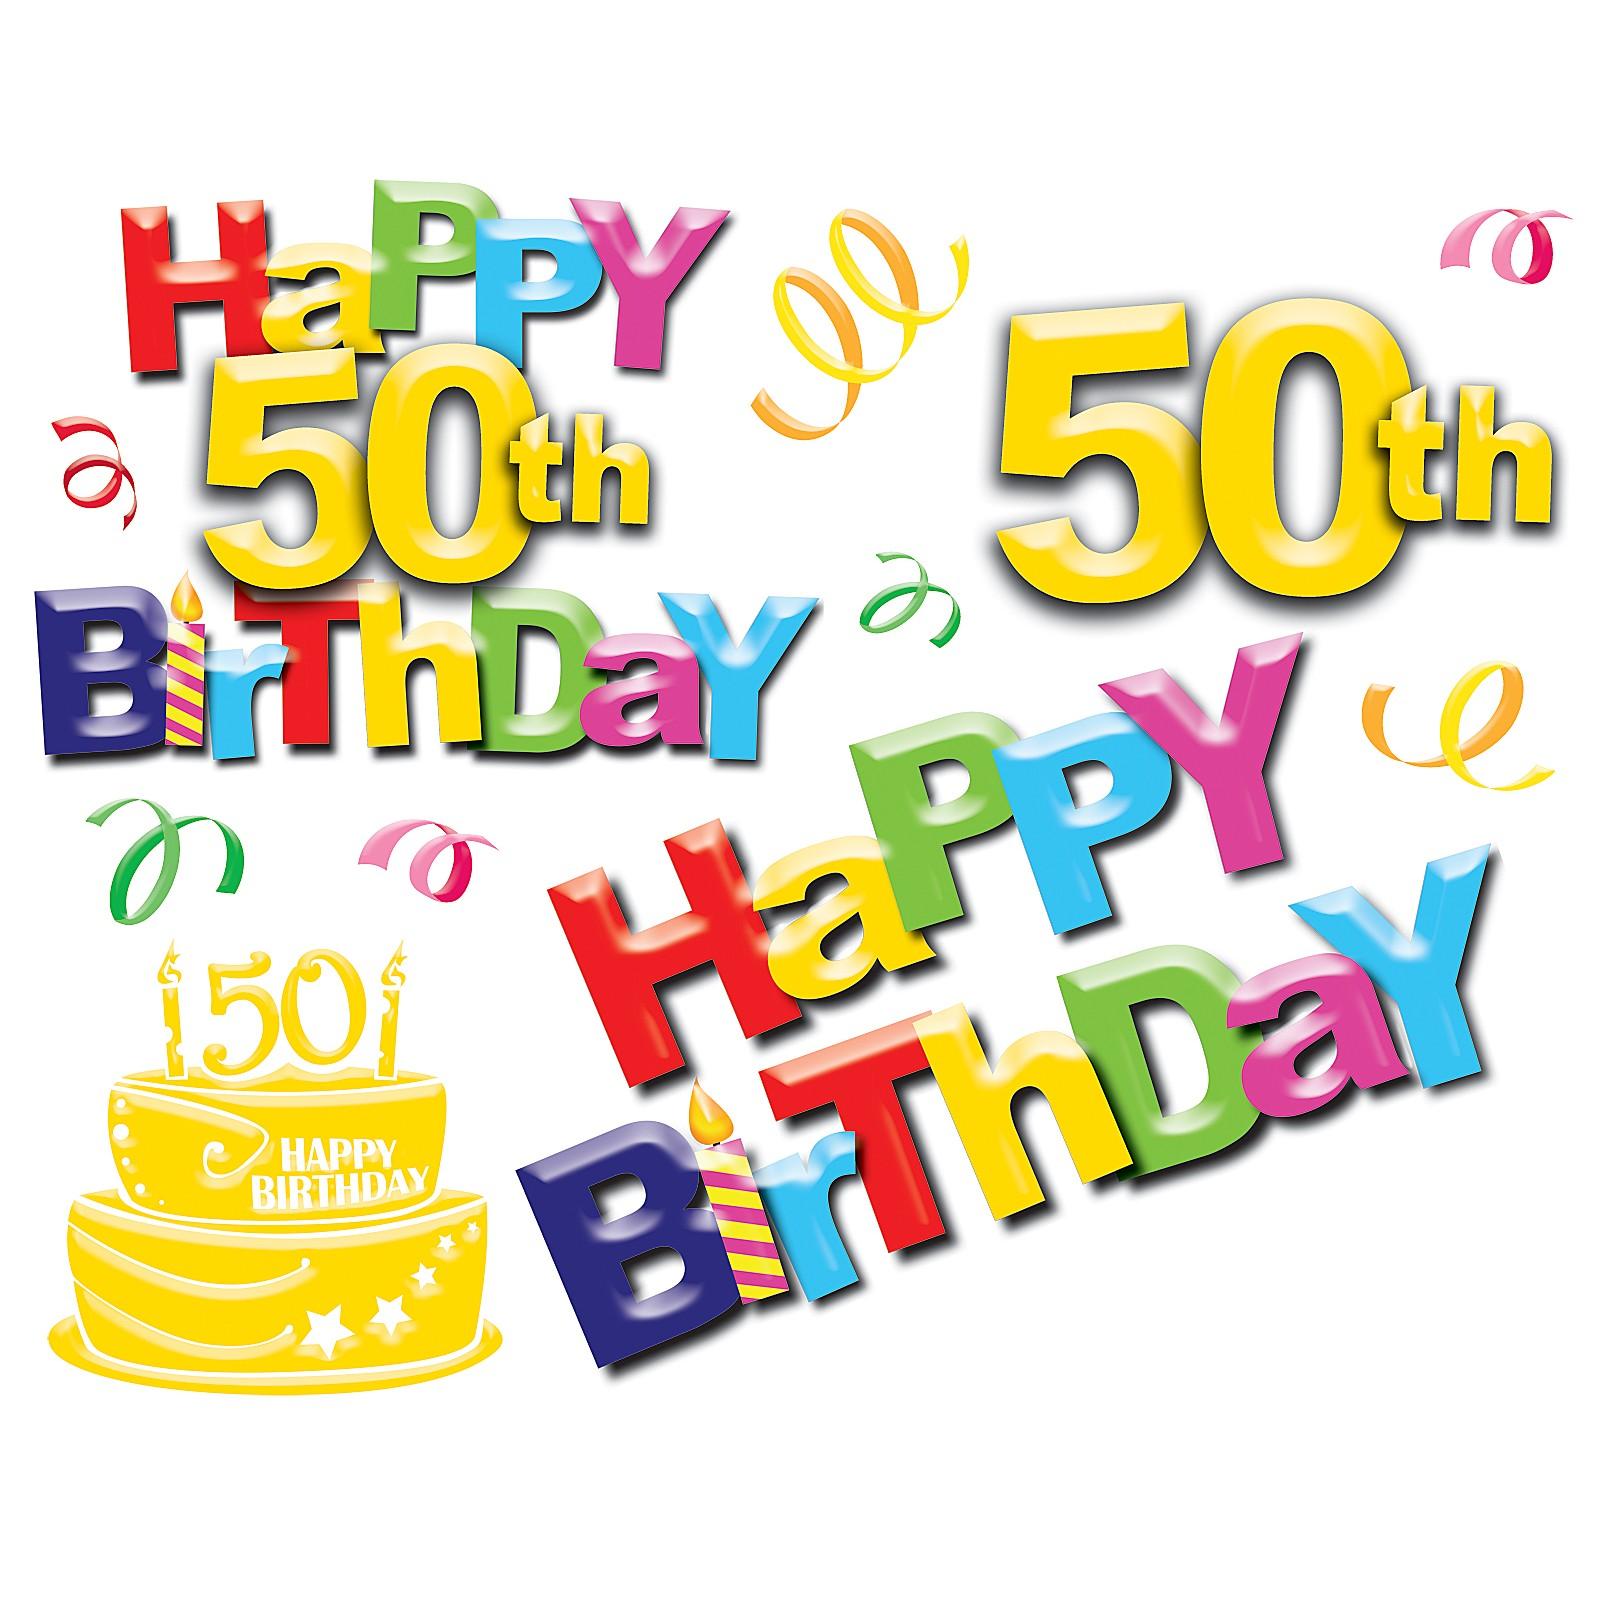 Free clipart happy birthday nephew vector free library Free 50 Birthday Cliparts, Download Free Clip Art, Free Clip Art on ... vector free library